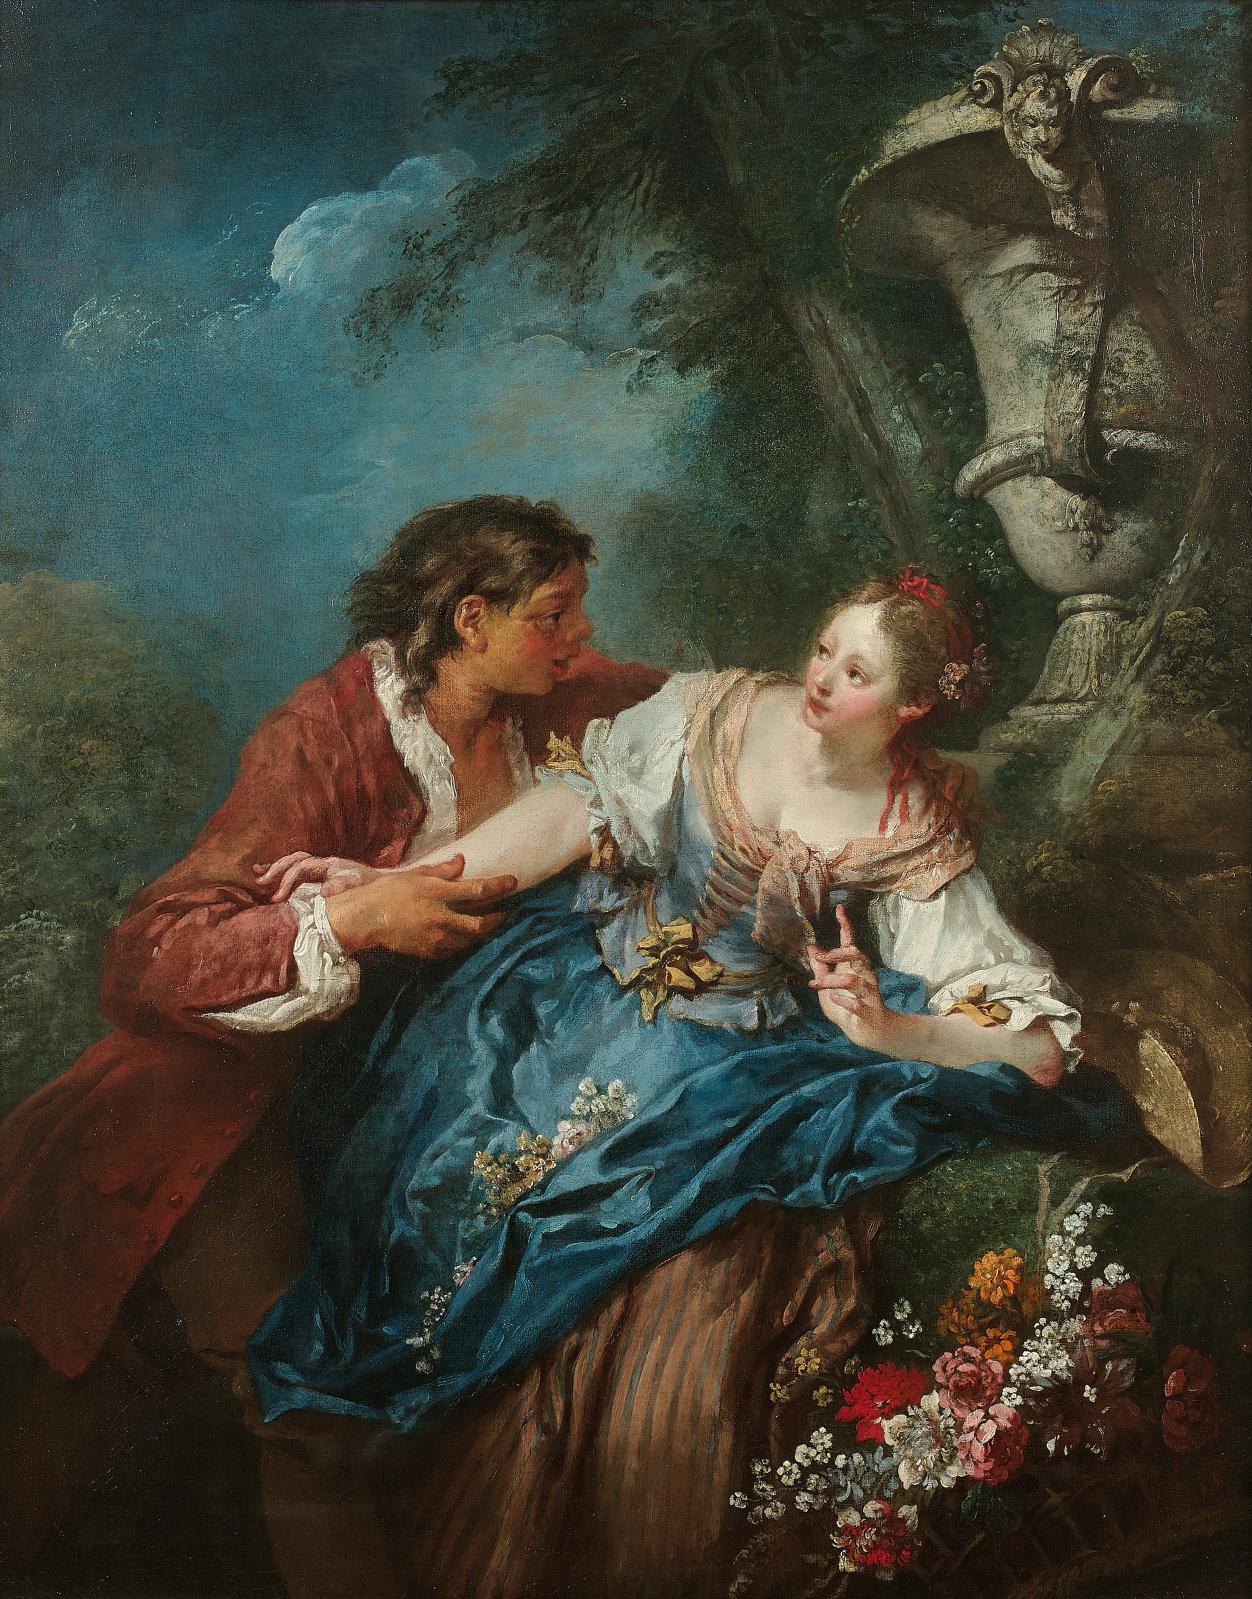 François Boucher(1703-1770), LaJardinière surprise, huile sur toile, 1737 (ou 1727), 81x63,5cm (détail). Mardi 2avril, salle6 - Drouot-Richelie